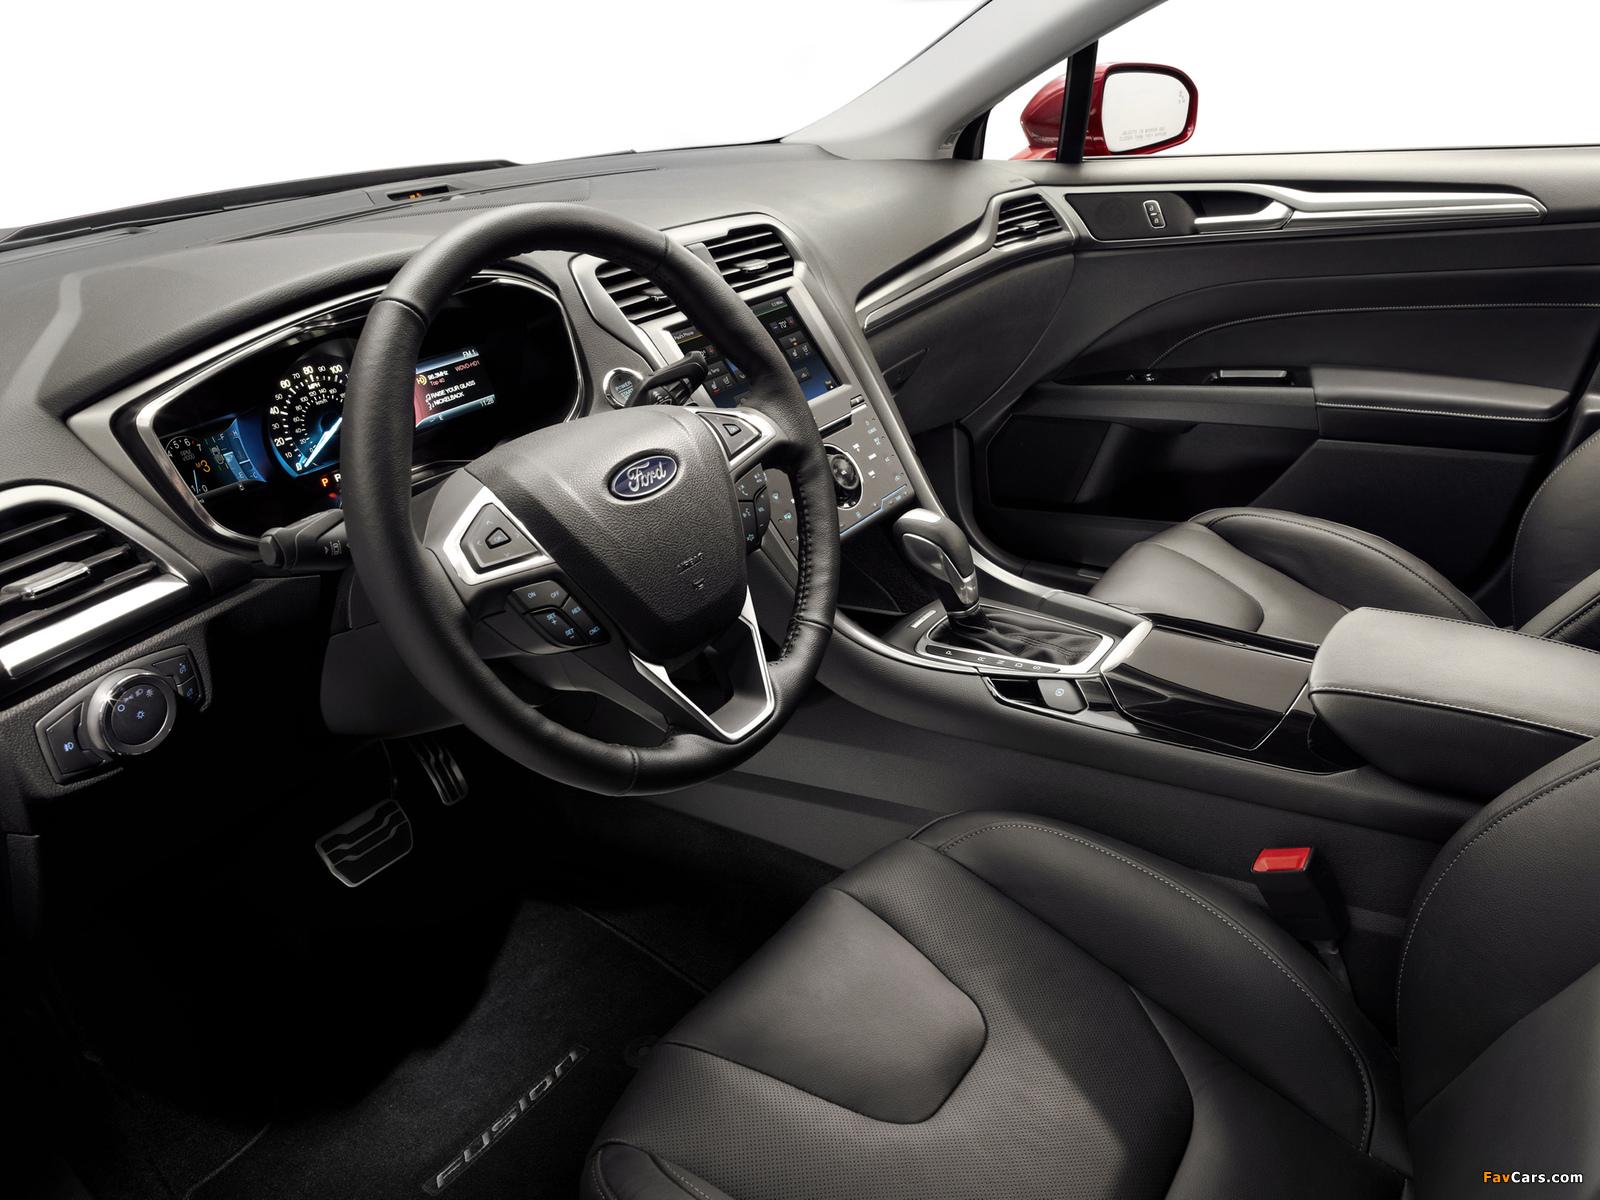 Ford Fusion Titanium 2012 images (1600 x 1200)